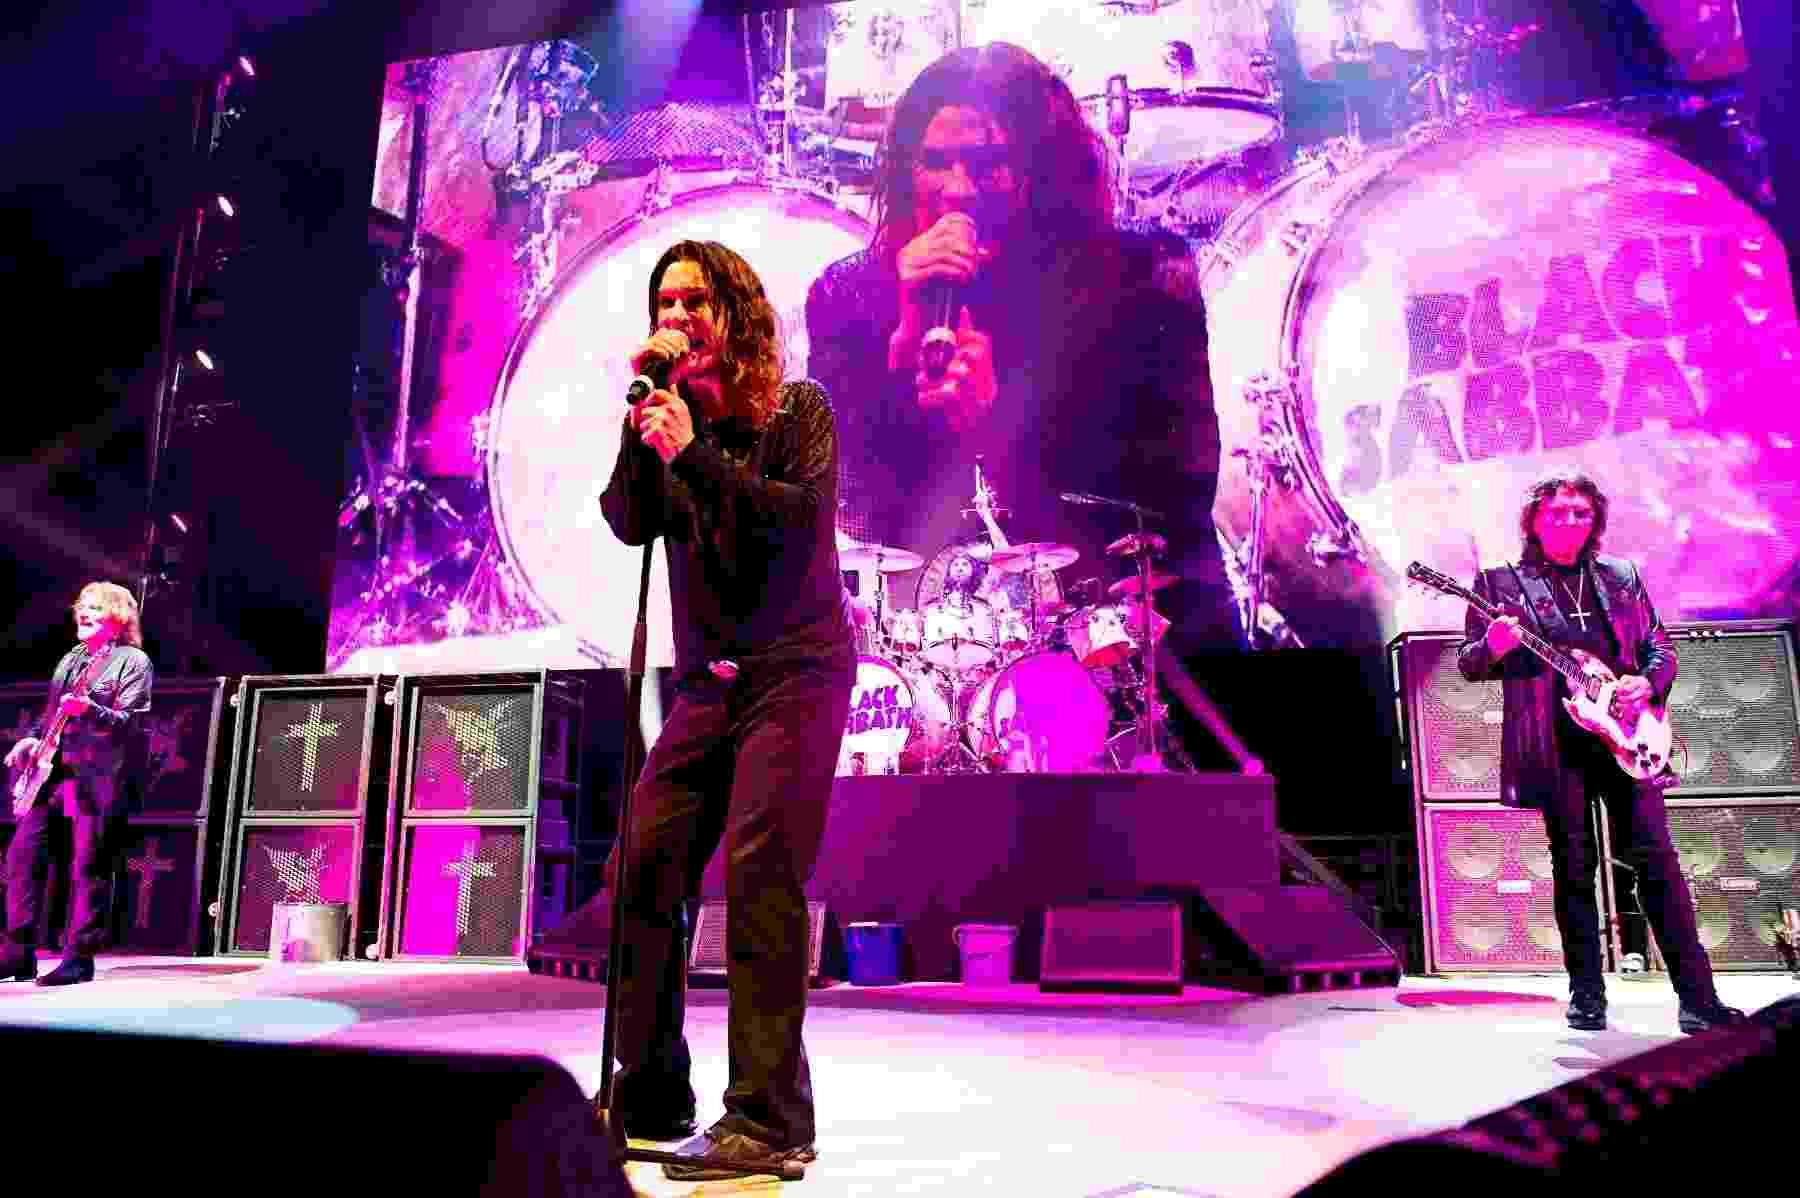 28.nov.2016 - Ozzy Osbourne se apresenta com o Black Sabbath em Porto Alegre - Ross Halfin Photography/Divulgação